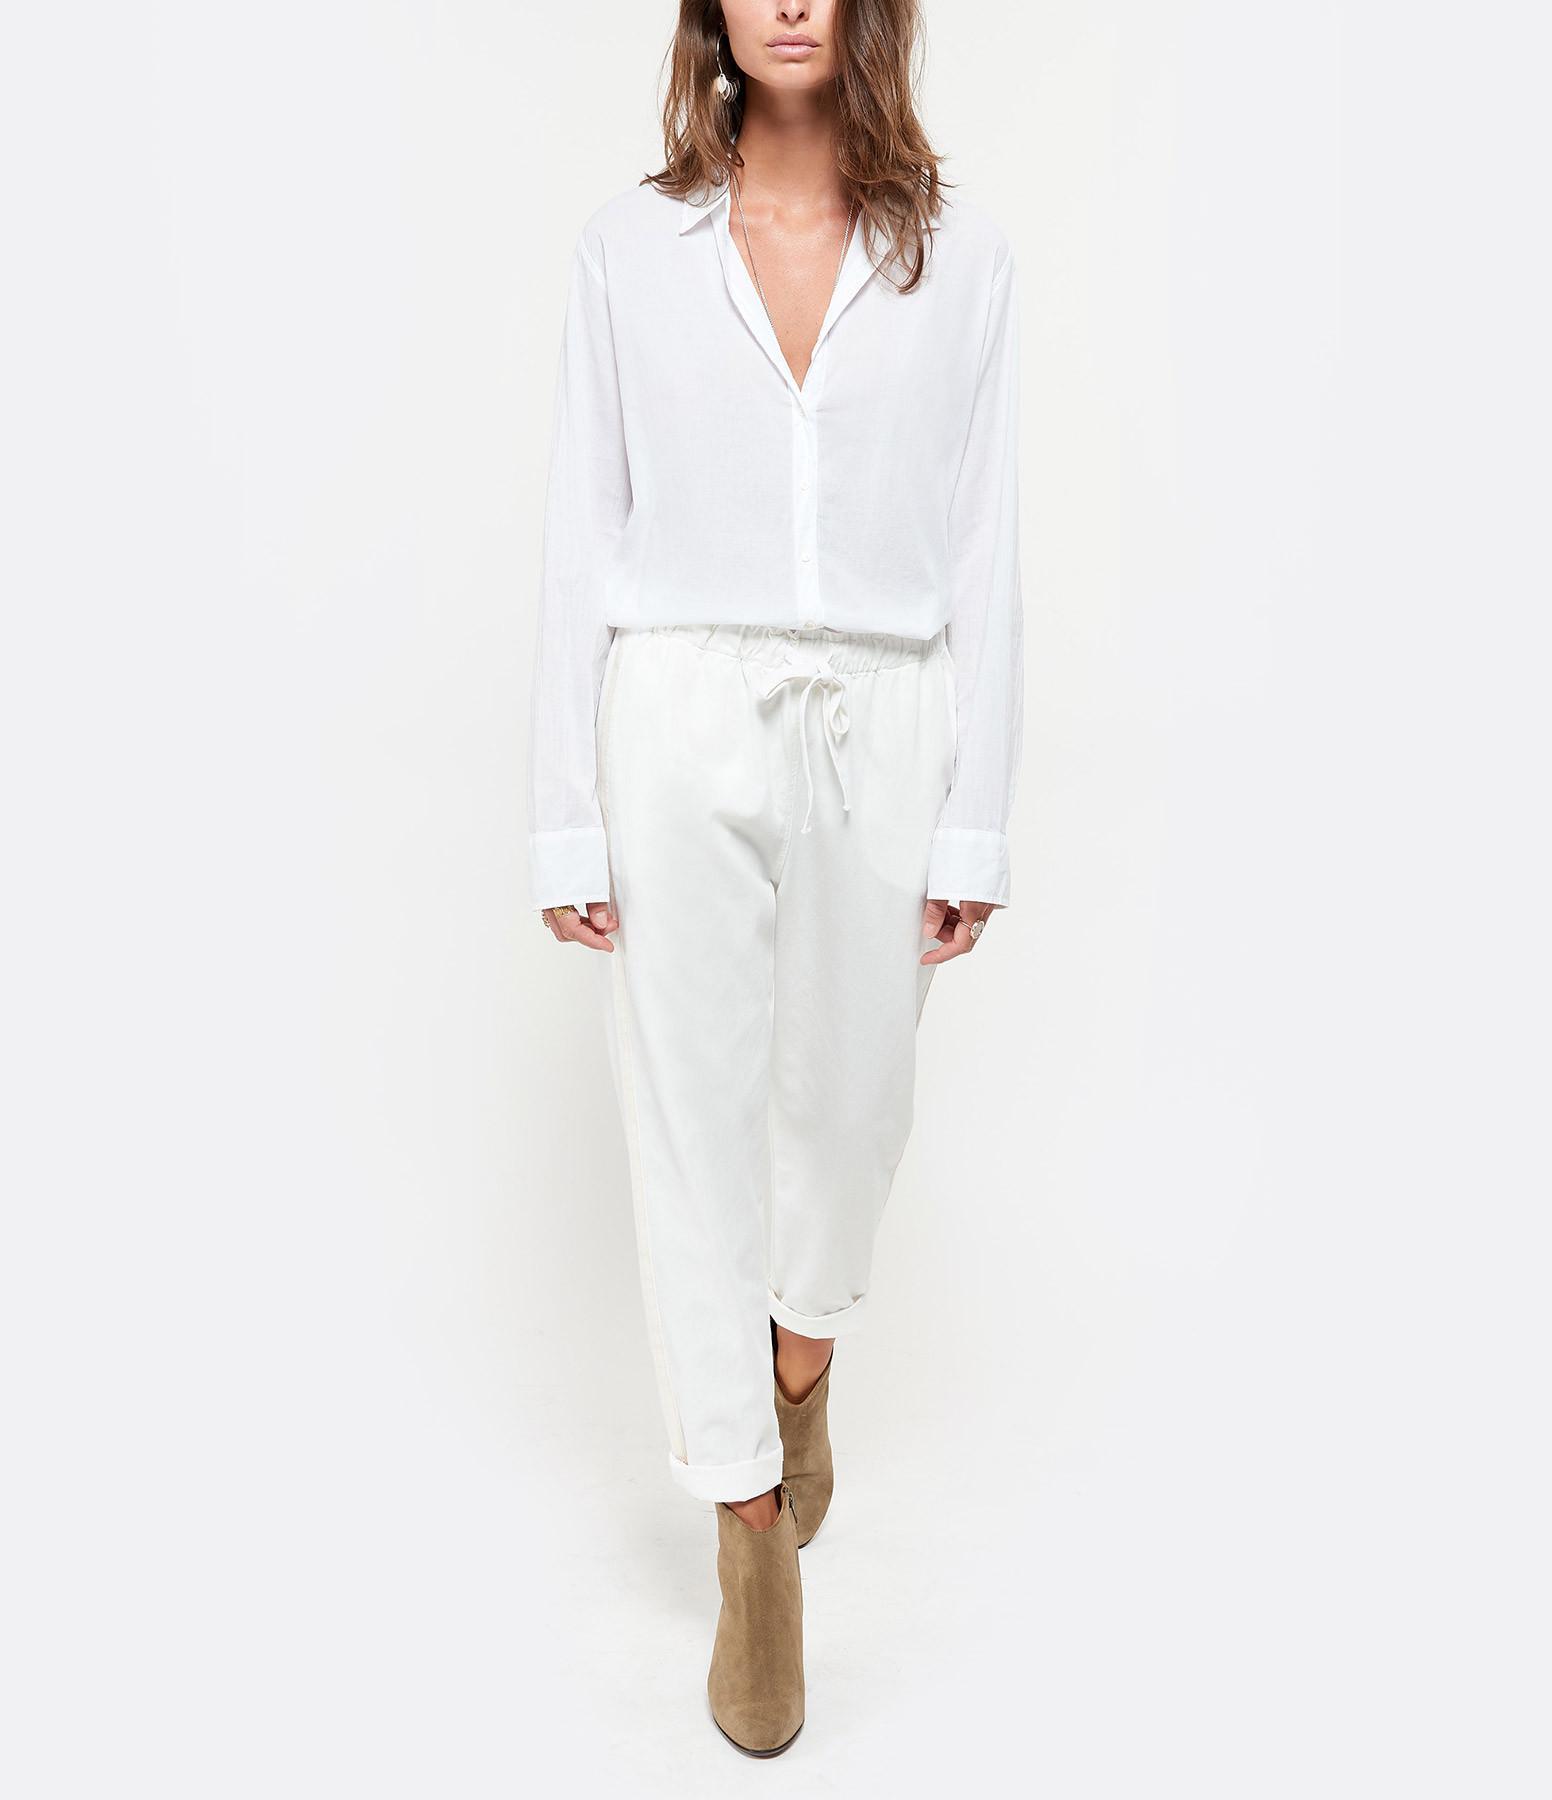 XIRENA - Pantalon Rex Coton Blanc